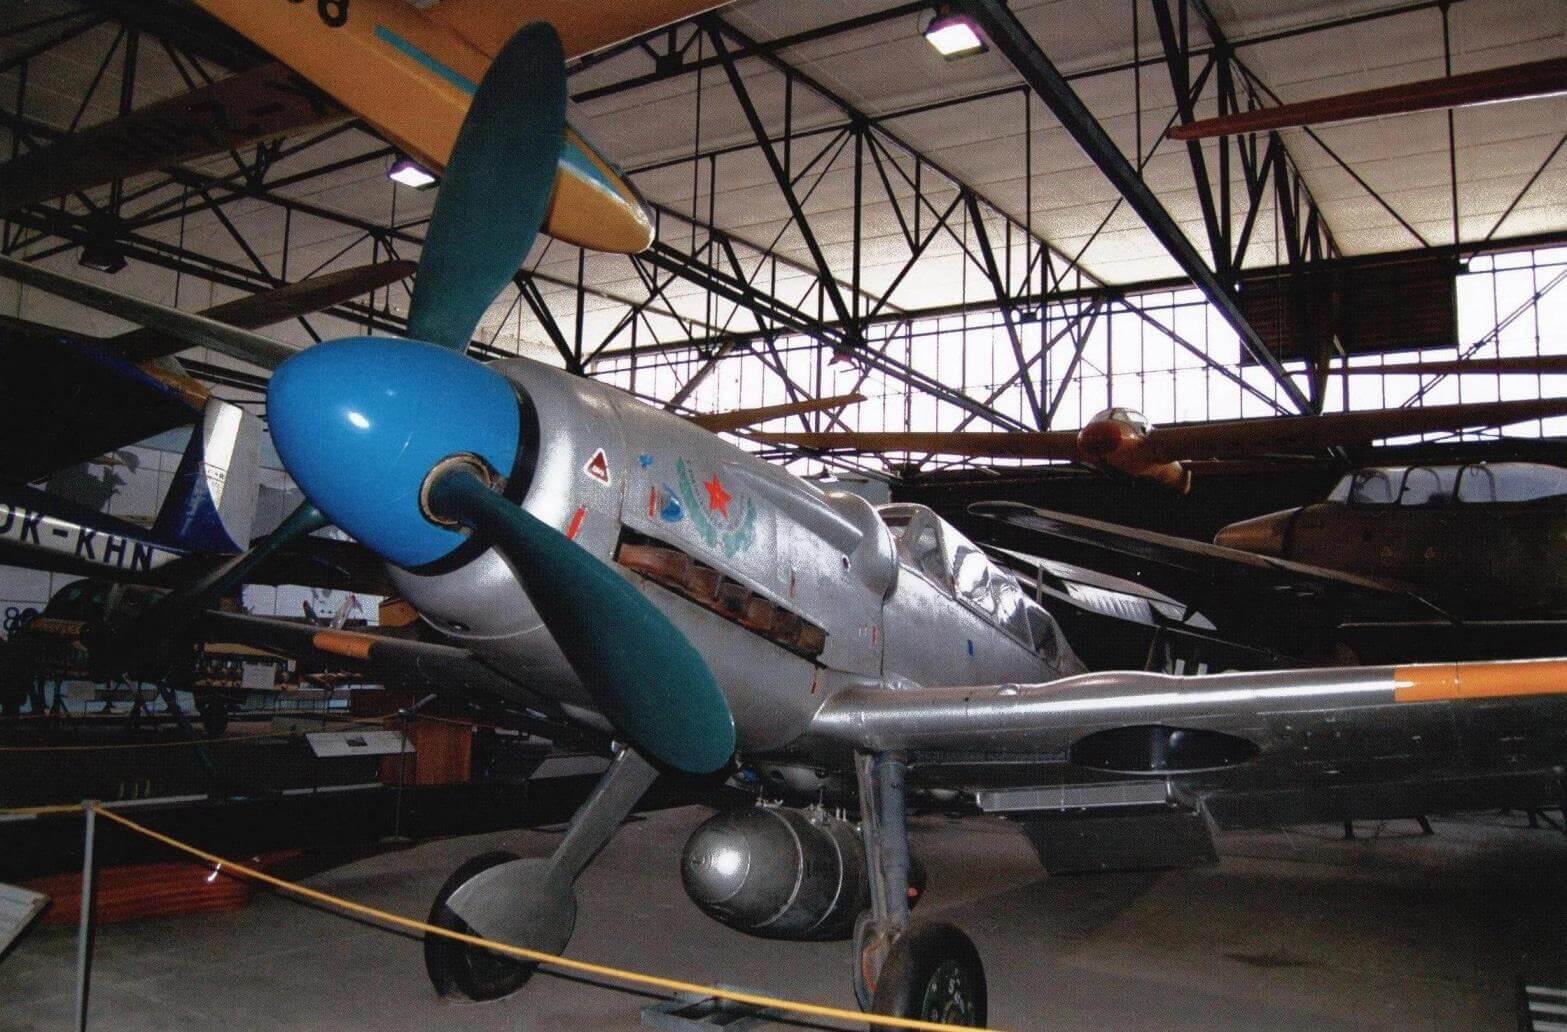 Экспонаты авиационного музея в Праге: учебно-боевой самолет CS-199